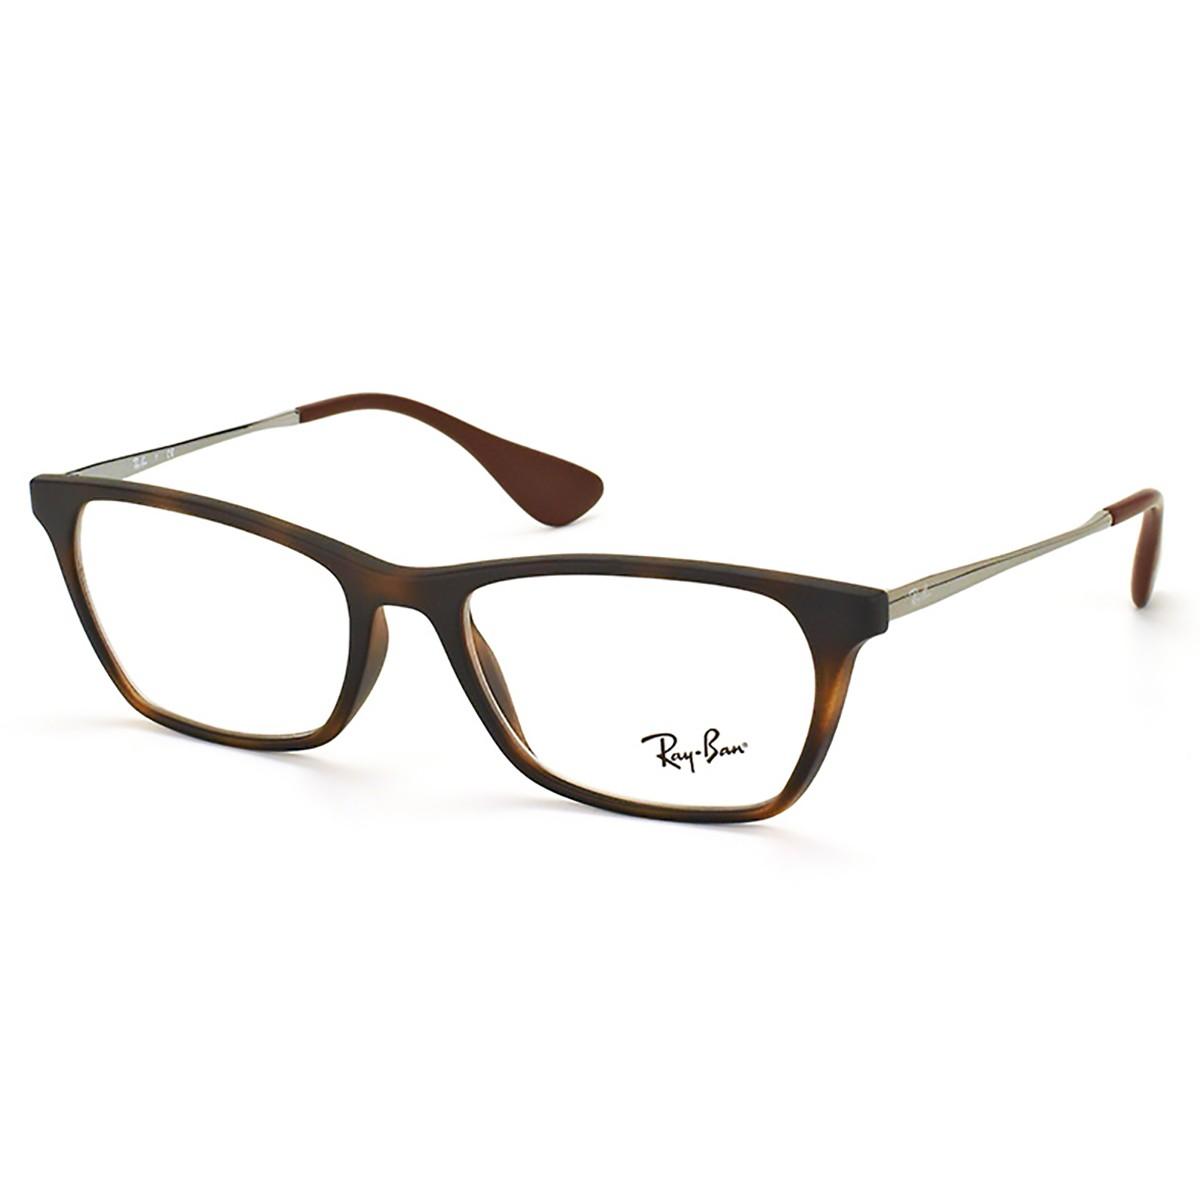 c8daab0d91527 Compre Óculos de Grau Ray Ban em 10X